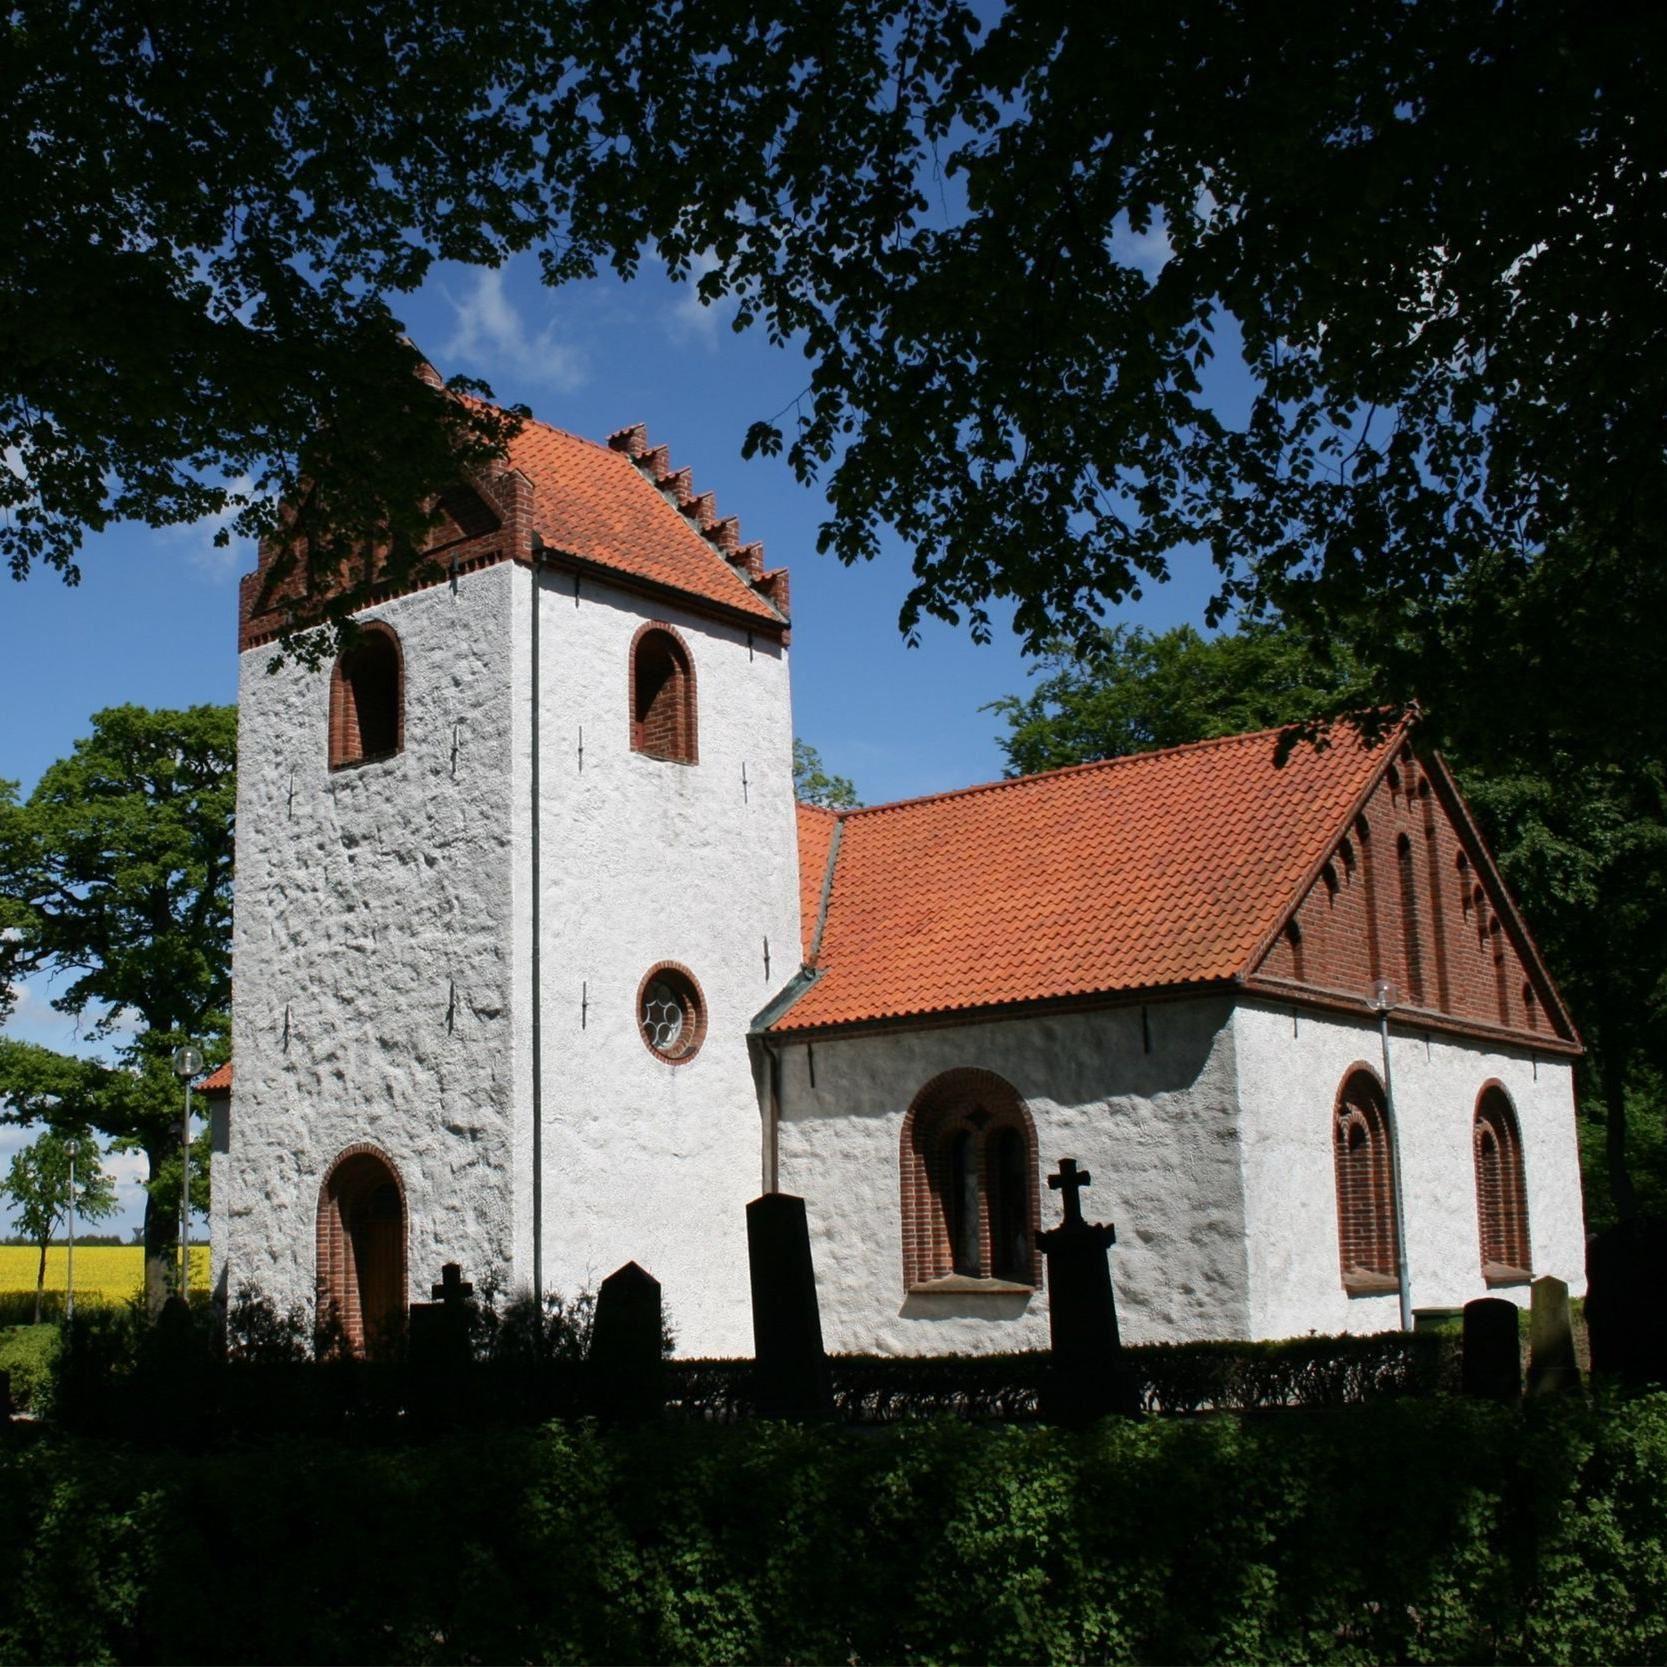 © Kävlinge kommun, Stävie church